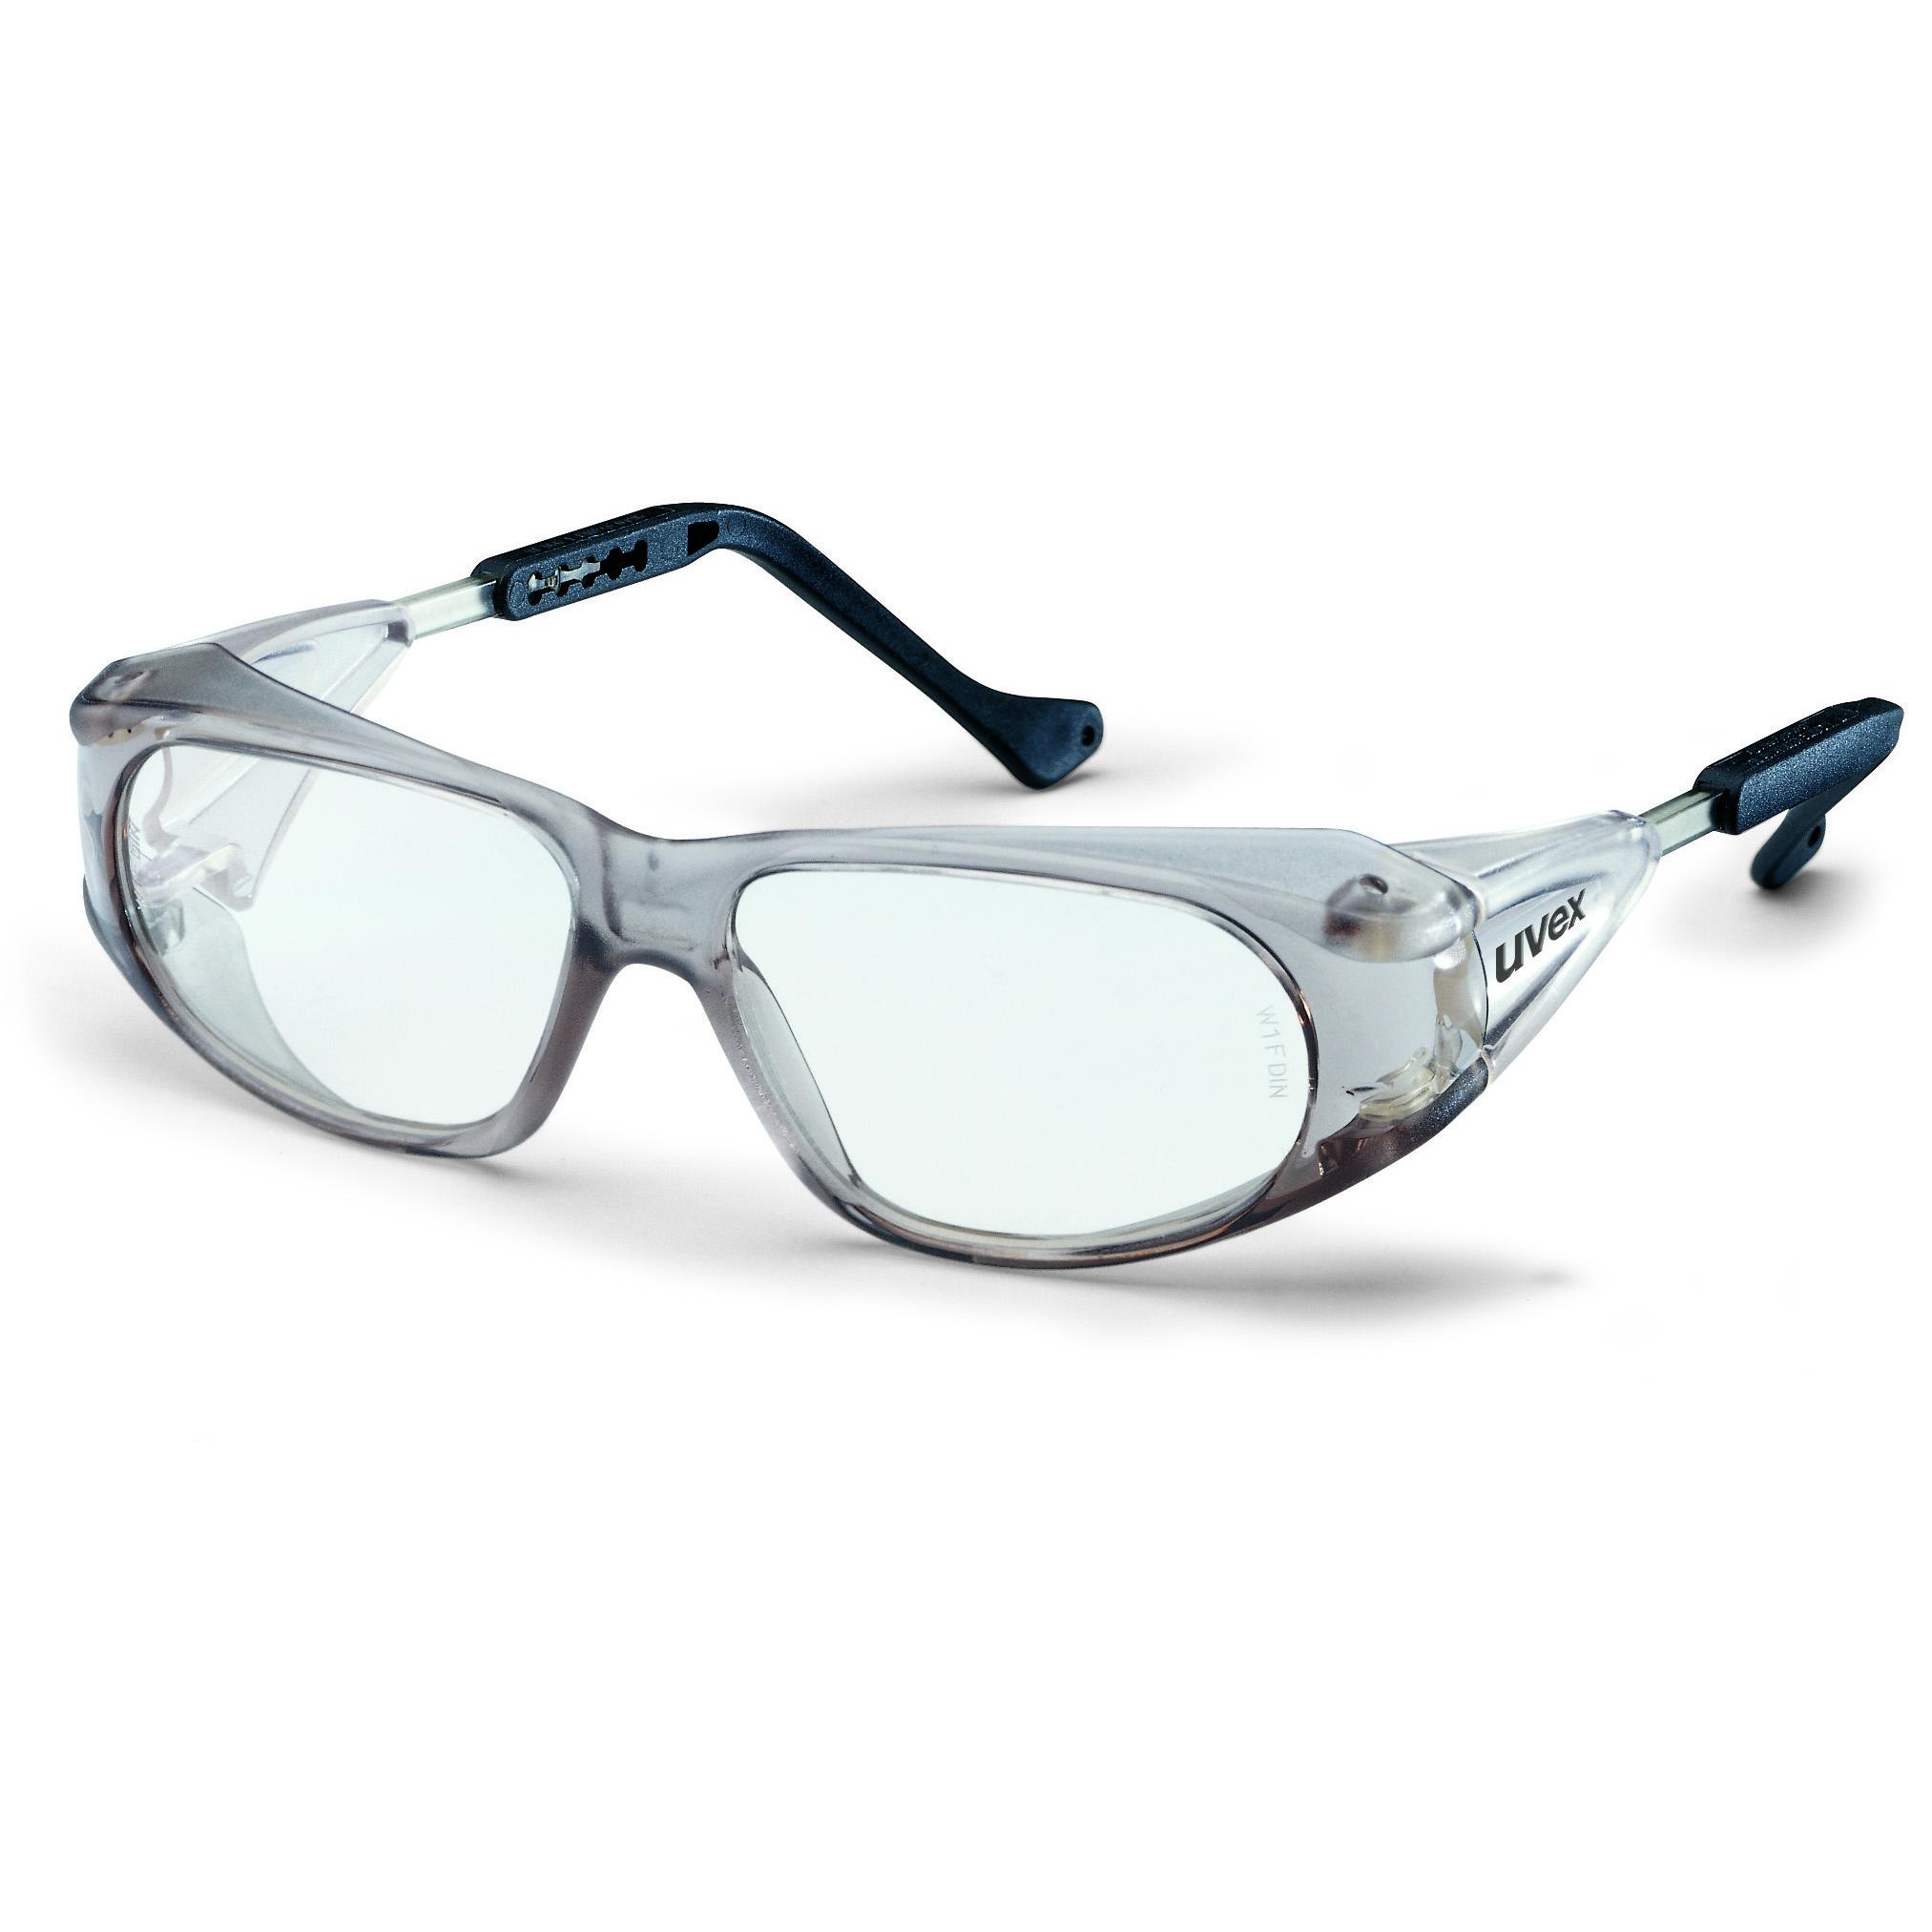 uvex 9134 - meteor - Schutzbrille